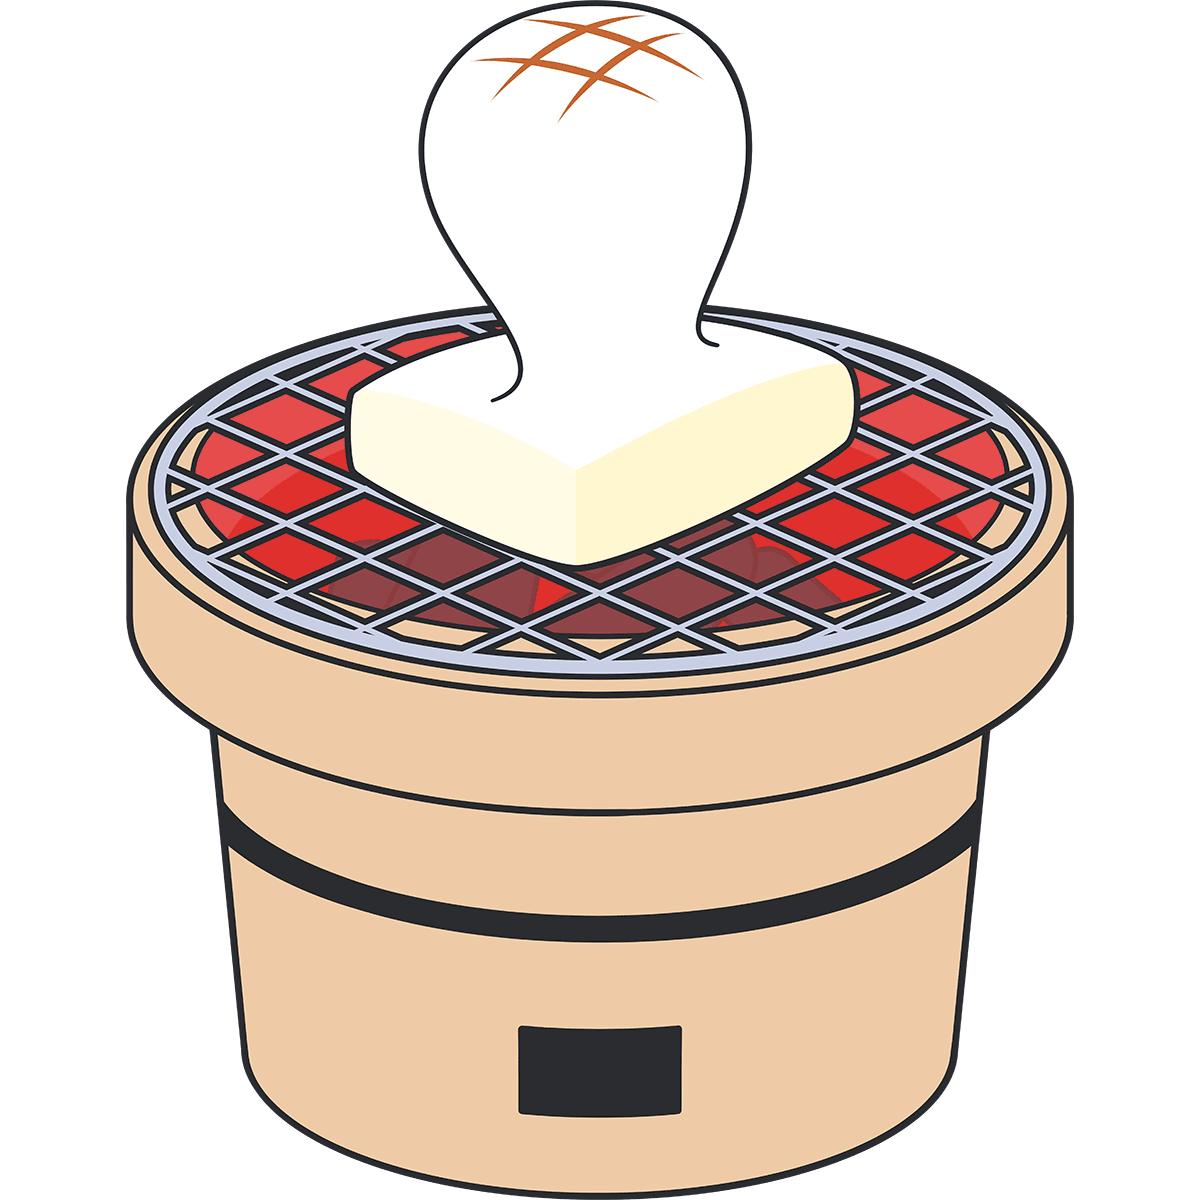 七輪で焼いた餅の無料イラスト